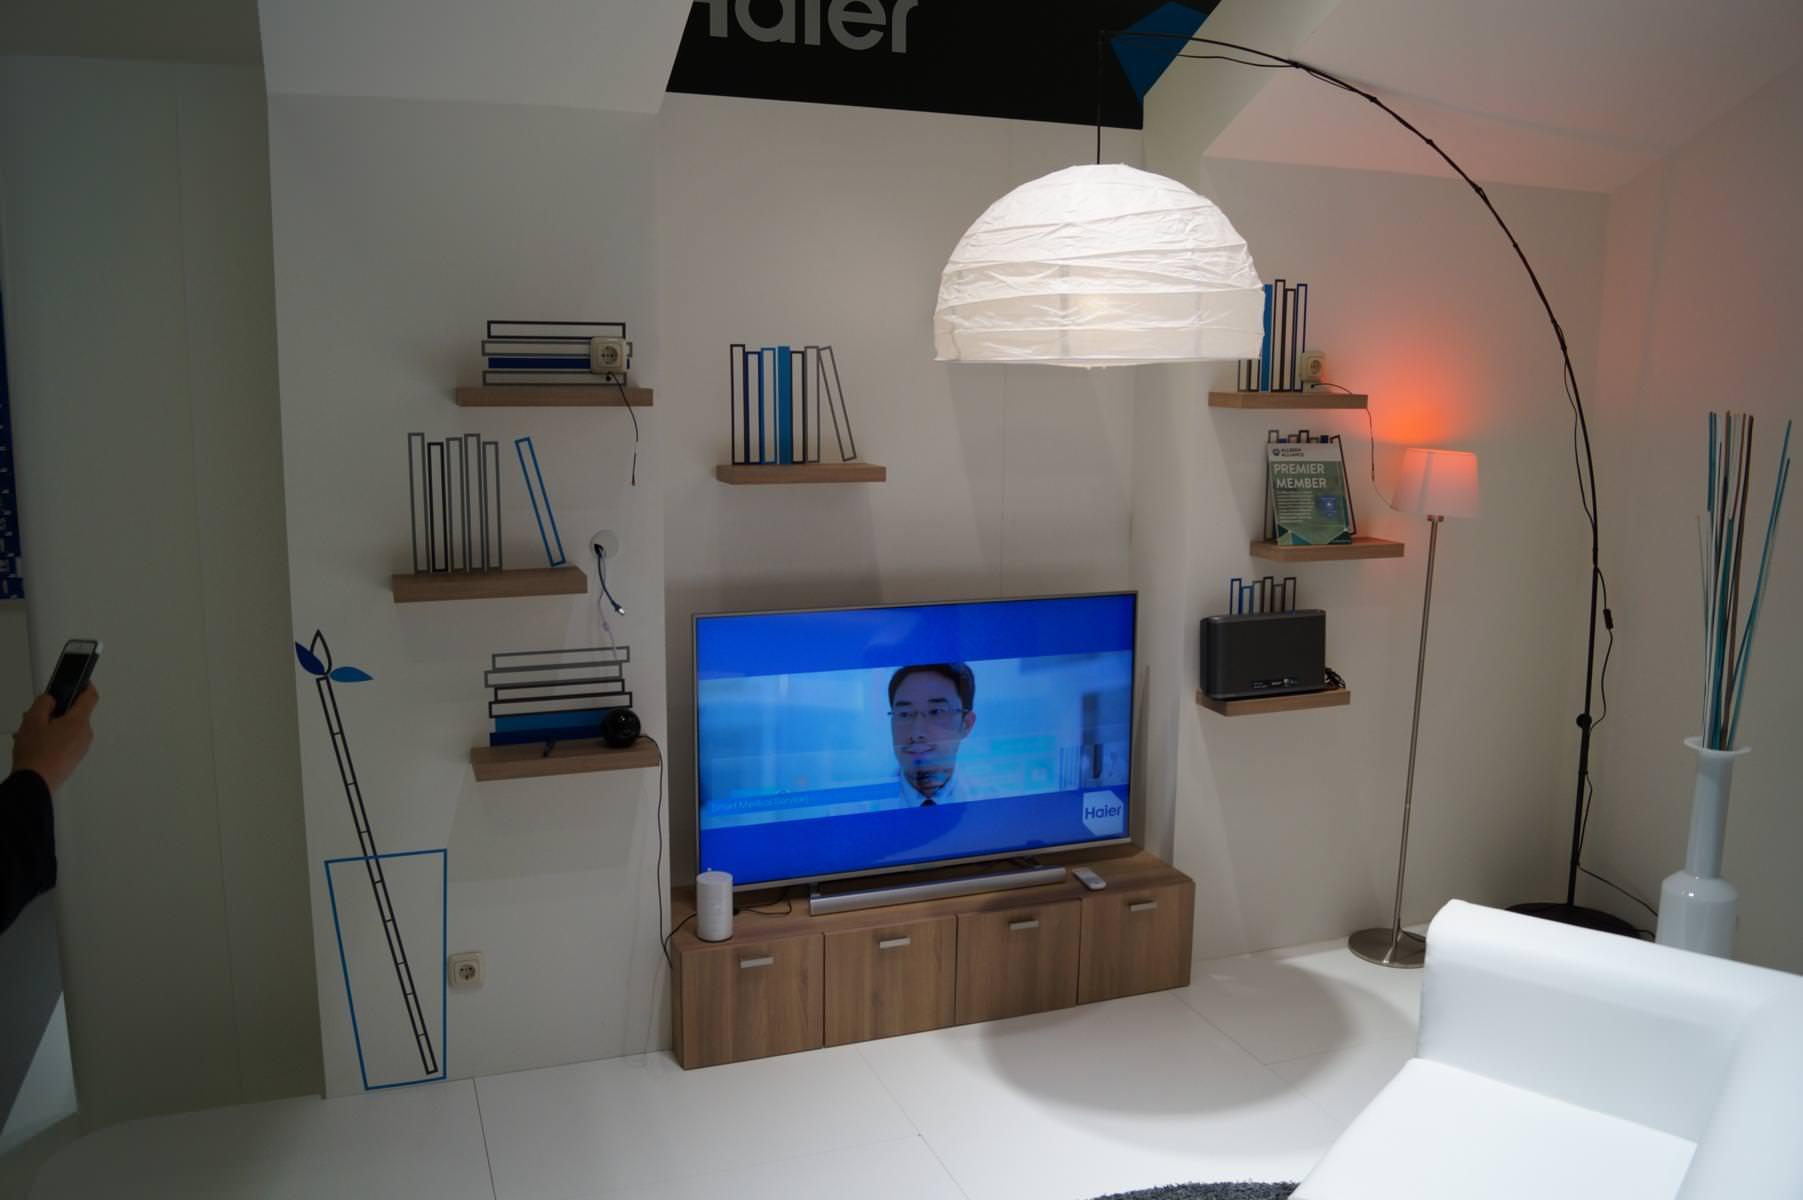 ifa 2014 haier zeigt vernetzten k hlschrank und touchscreen waschmaschine. Black Bedroom Furniture Sets. Home Design Ideas